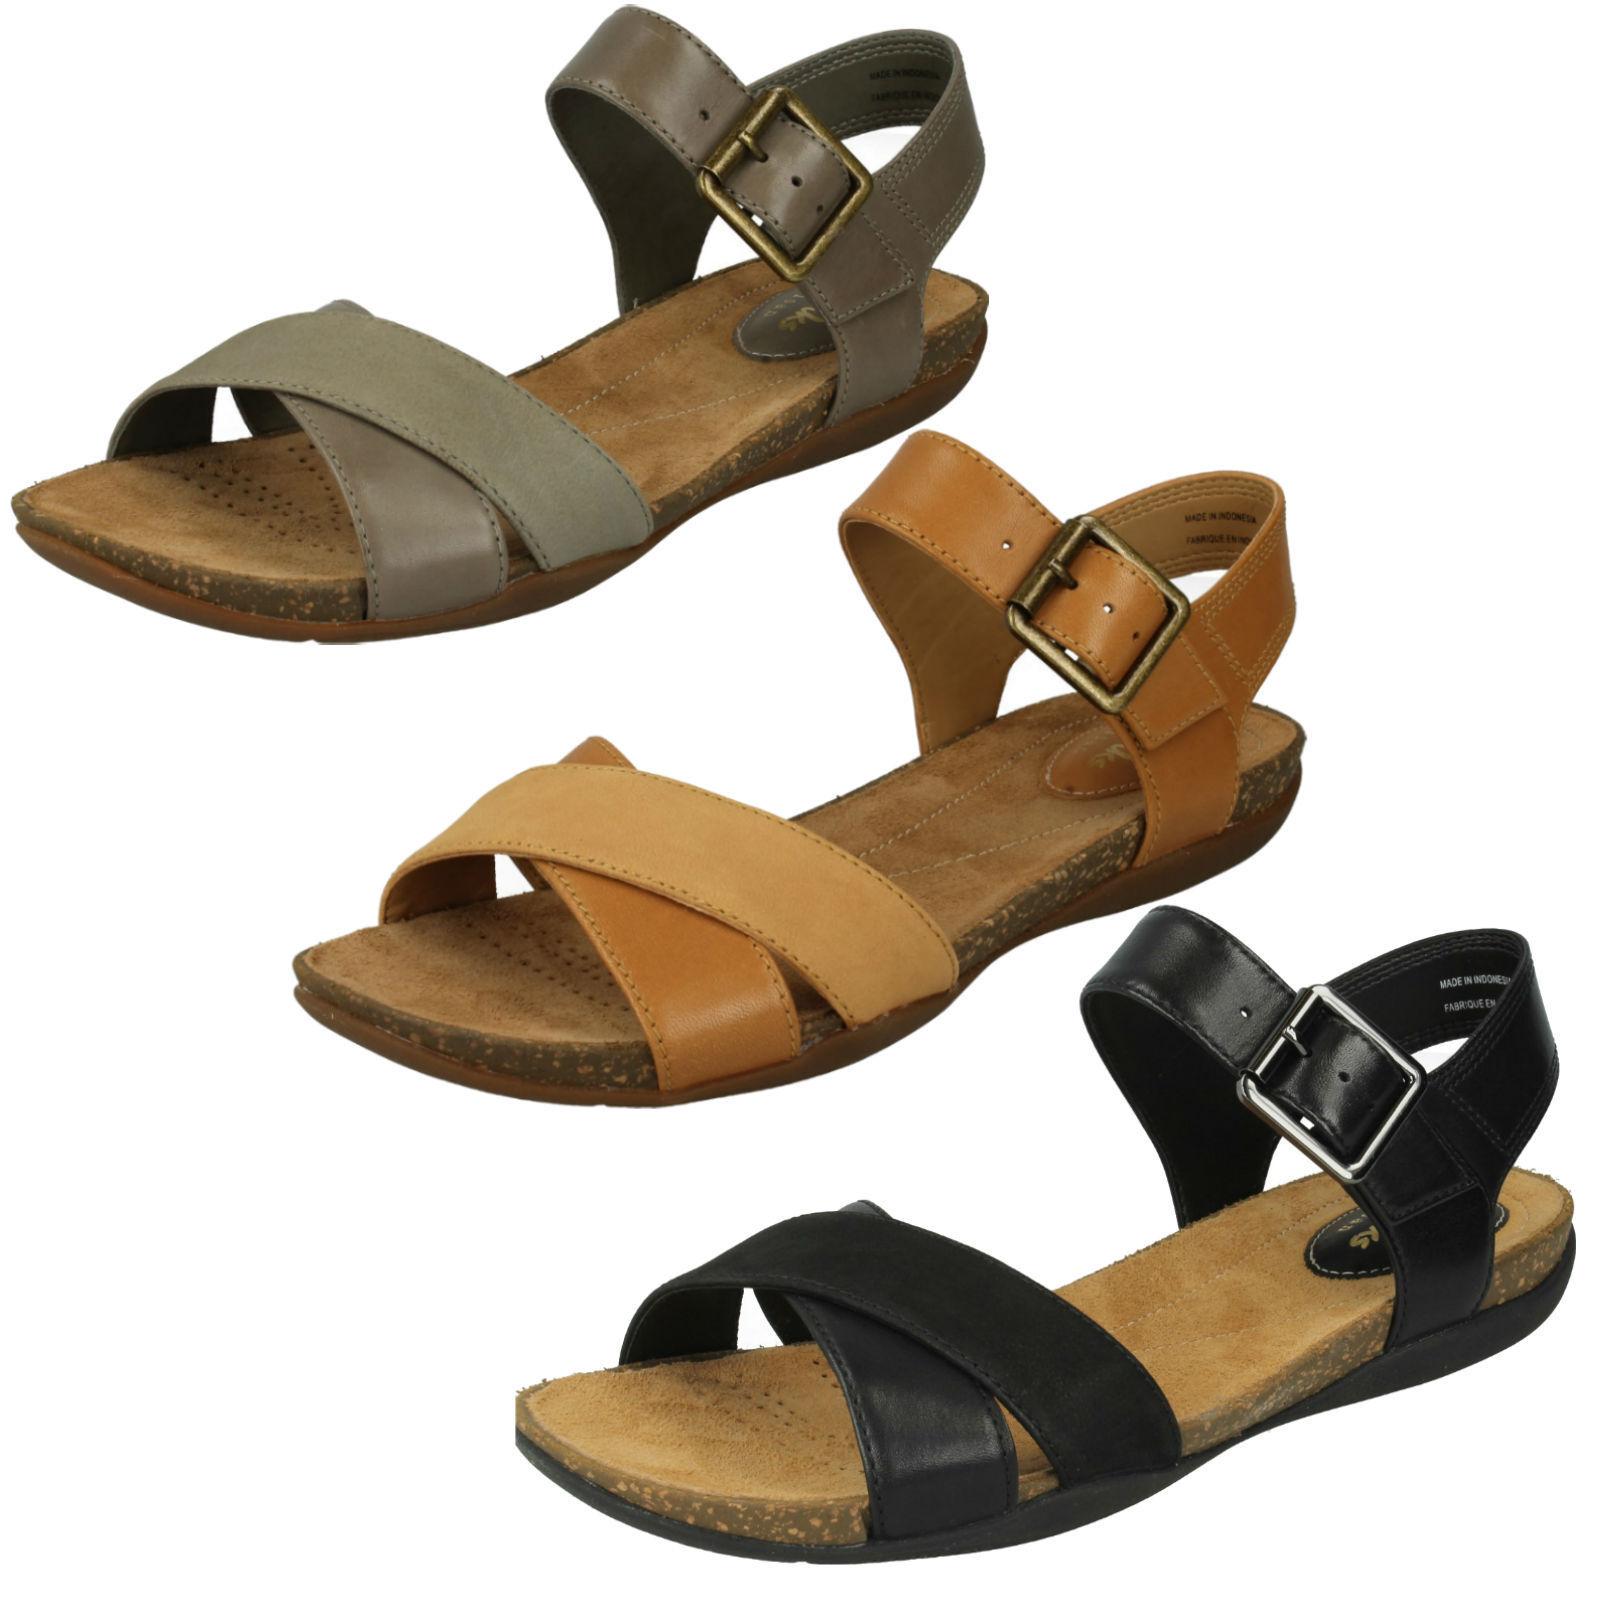 Damen Clarks Leder Schnalle Freizeit Riemen klassisch Sommer Sandale Herbst